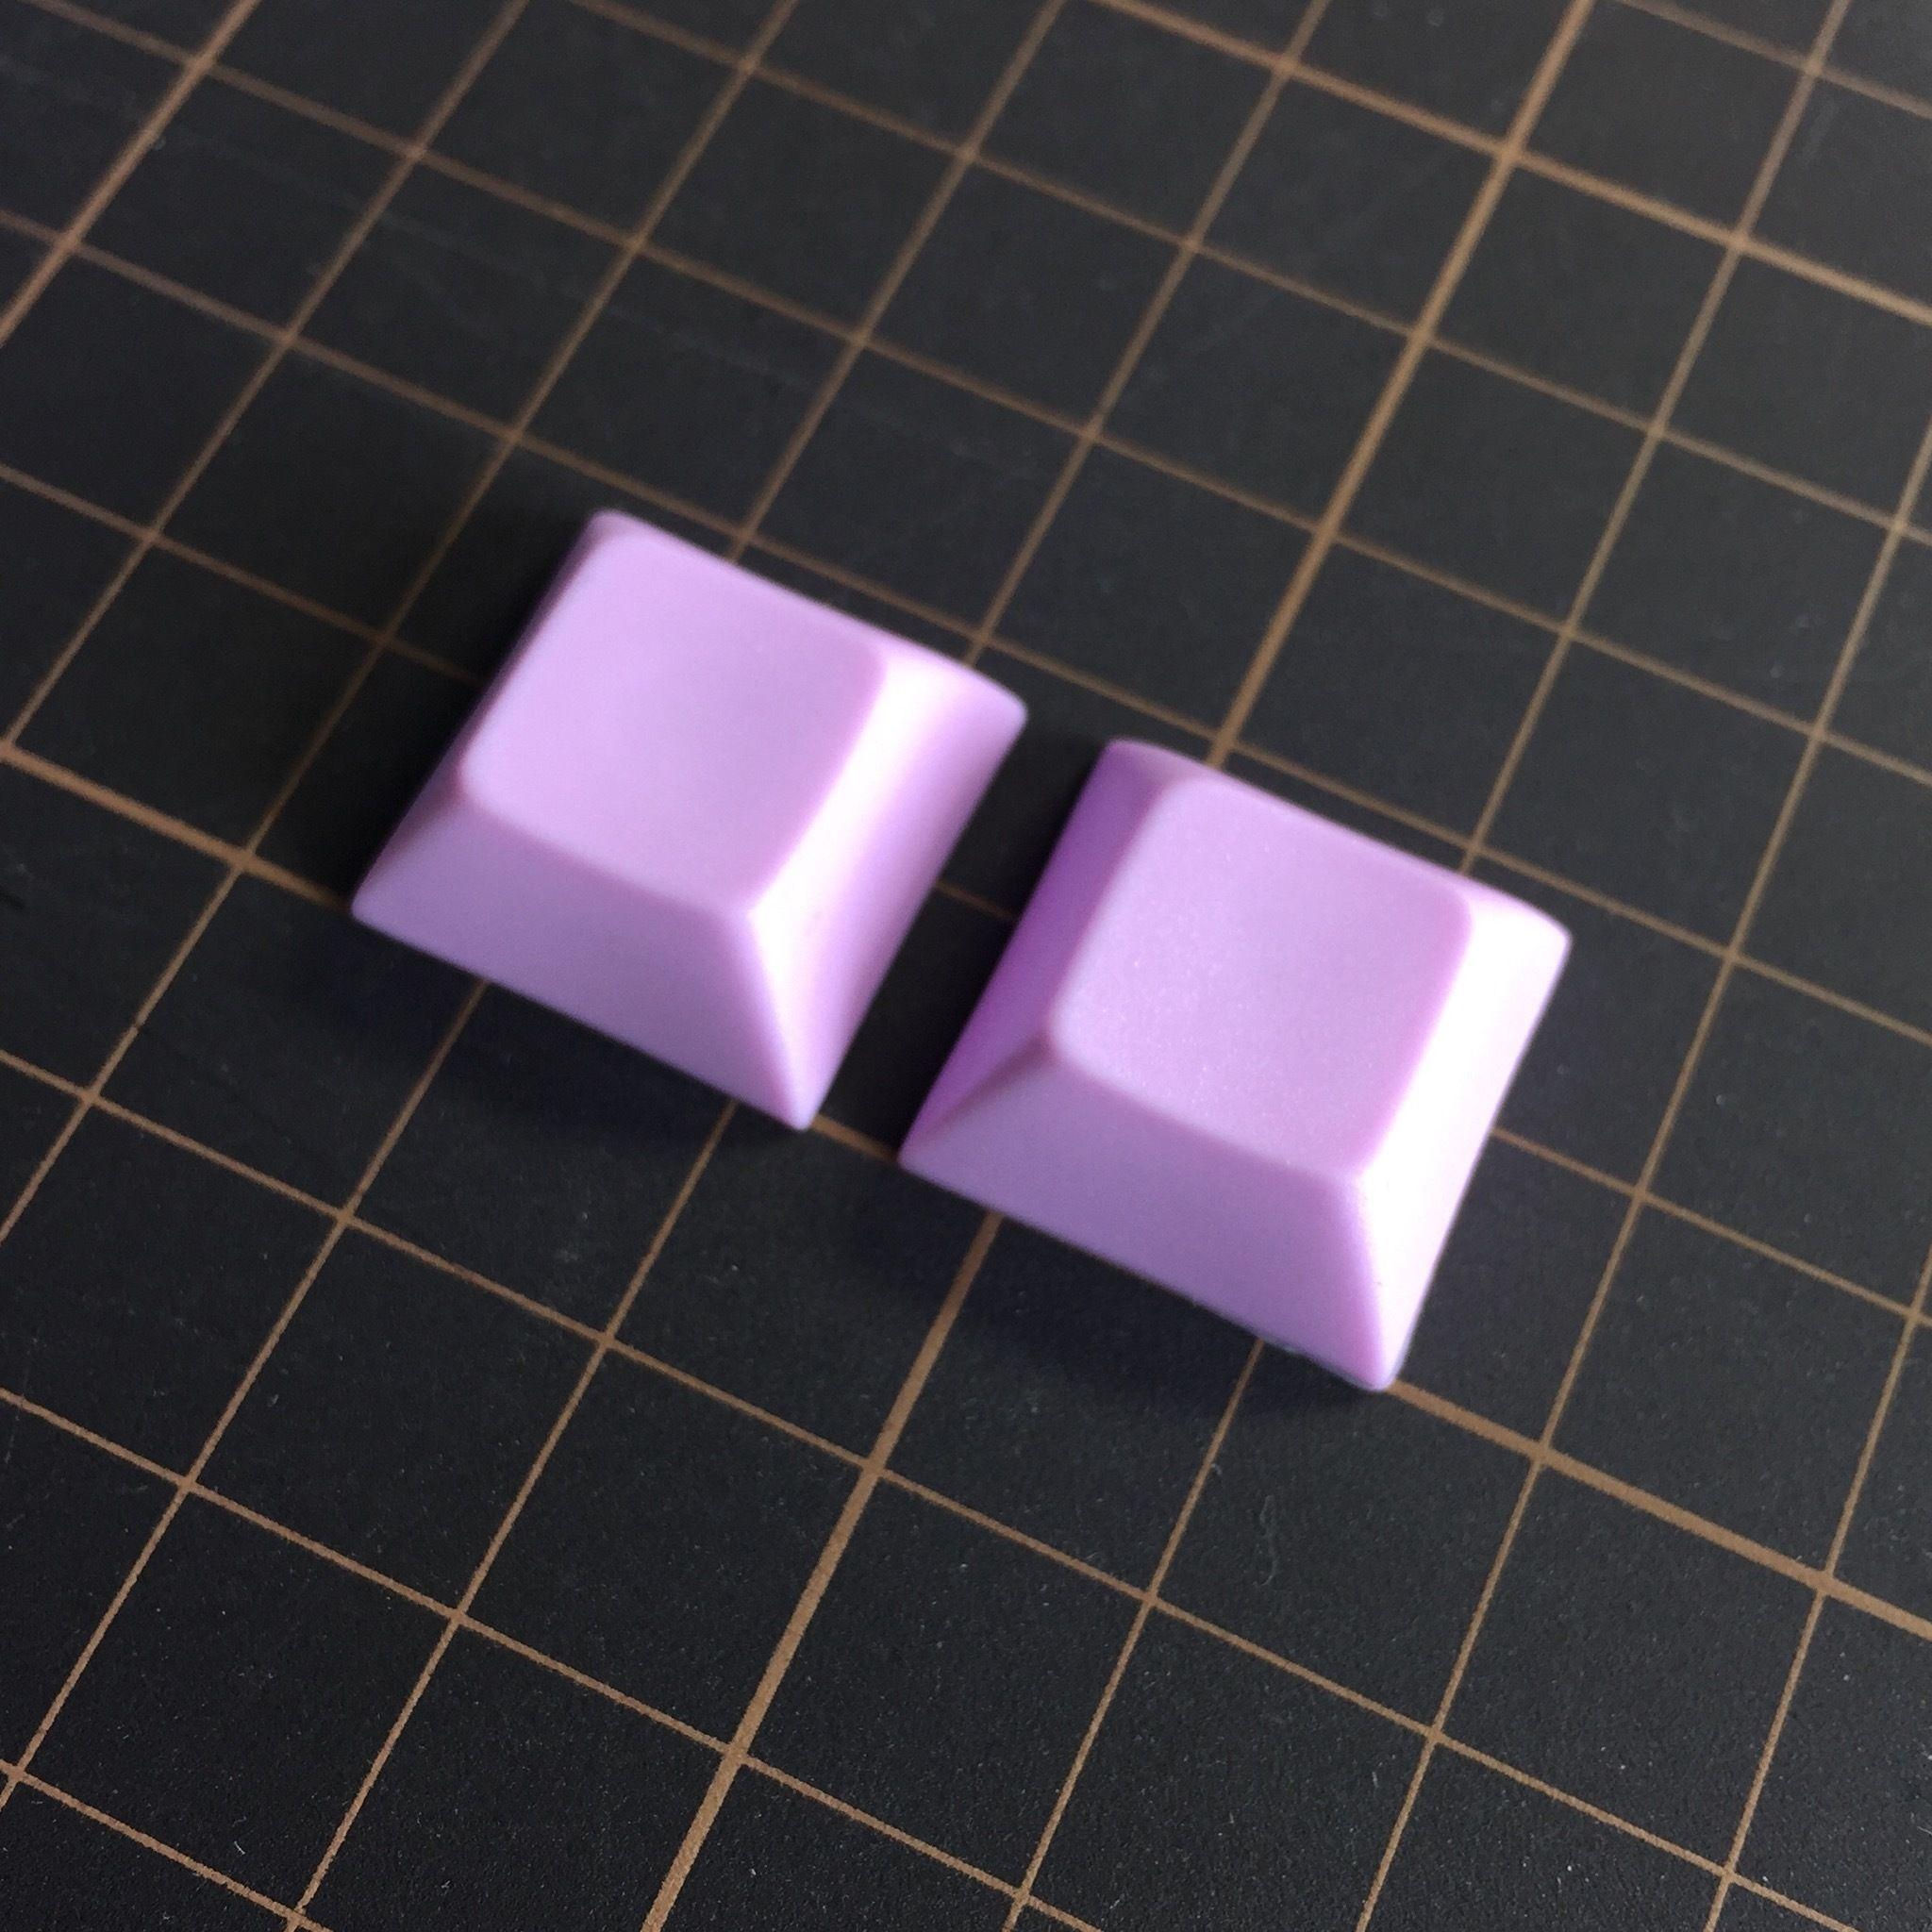 DSA PBT Keycap (2Piece/Light Purple)